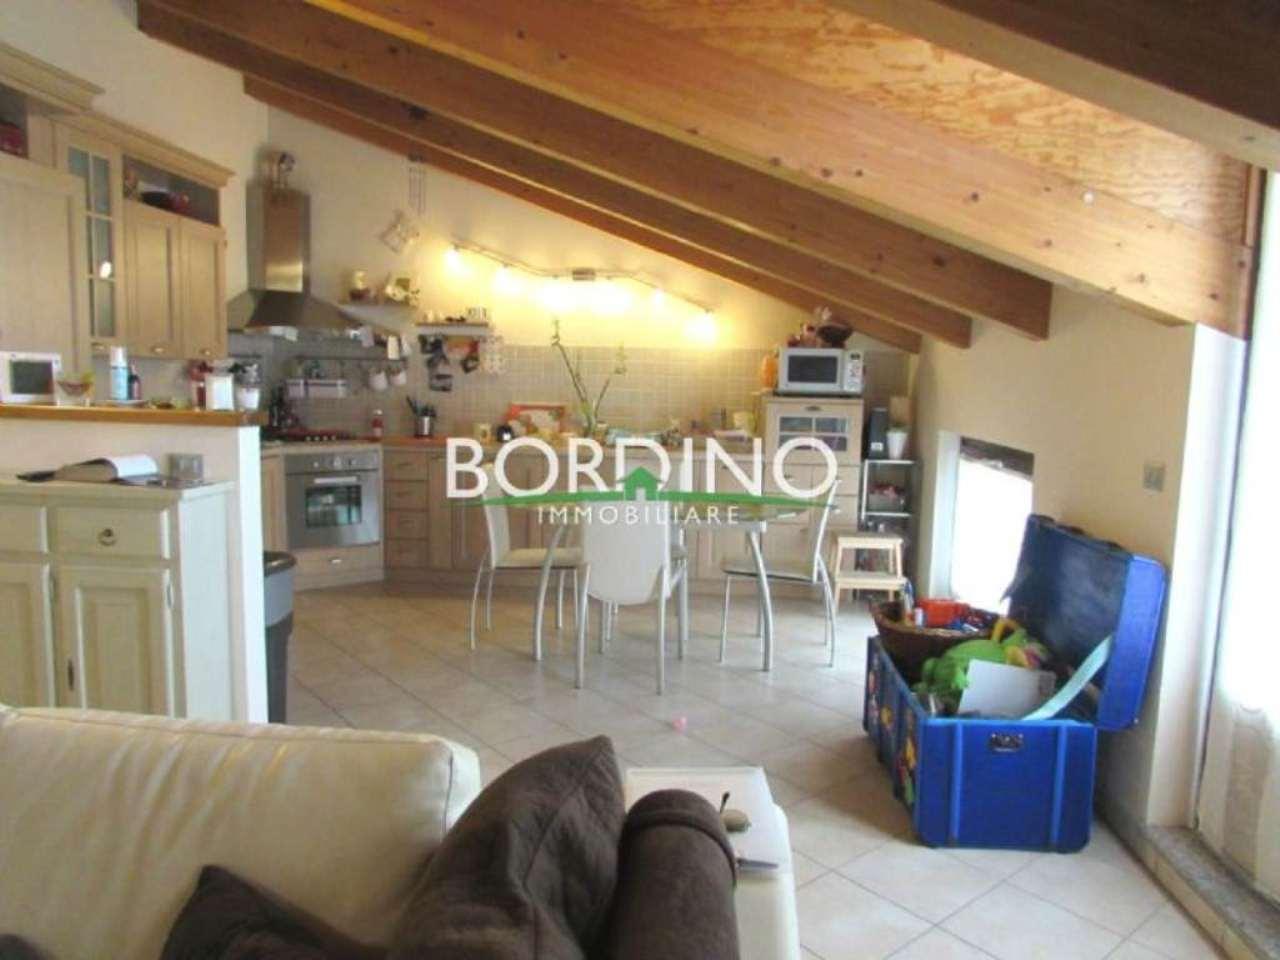 Attico / Mansarda in vendita a Govone, 4 locali, prezzo € 160.000 | Cambio Casa.it